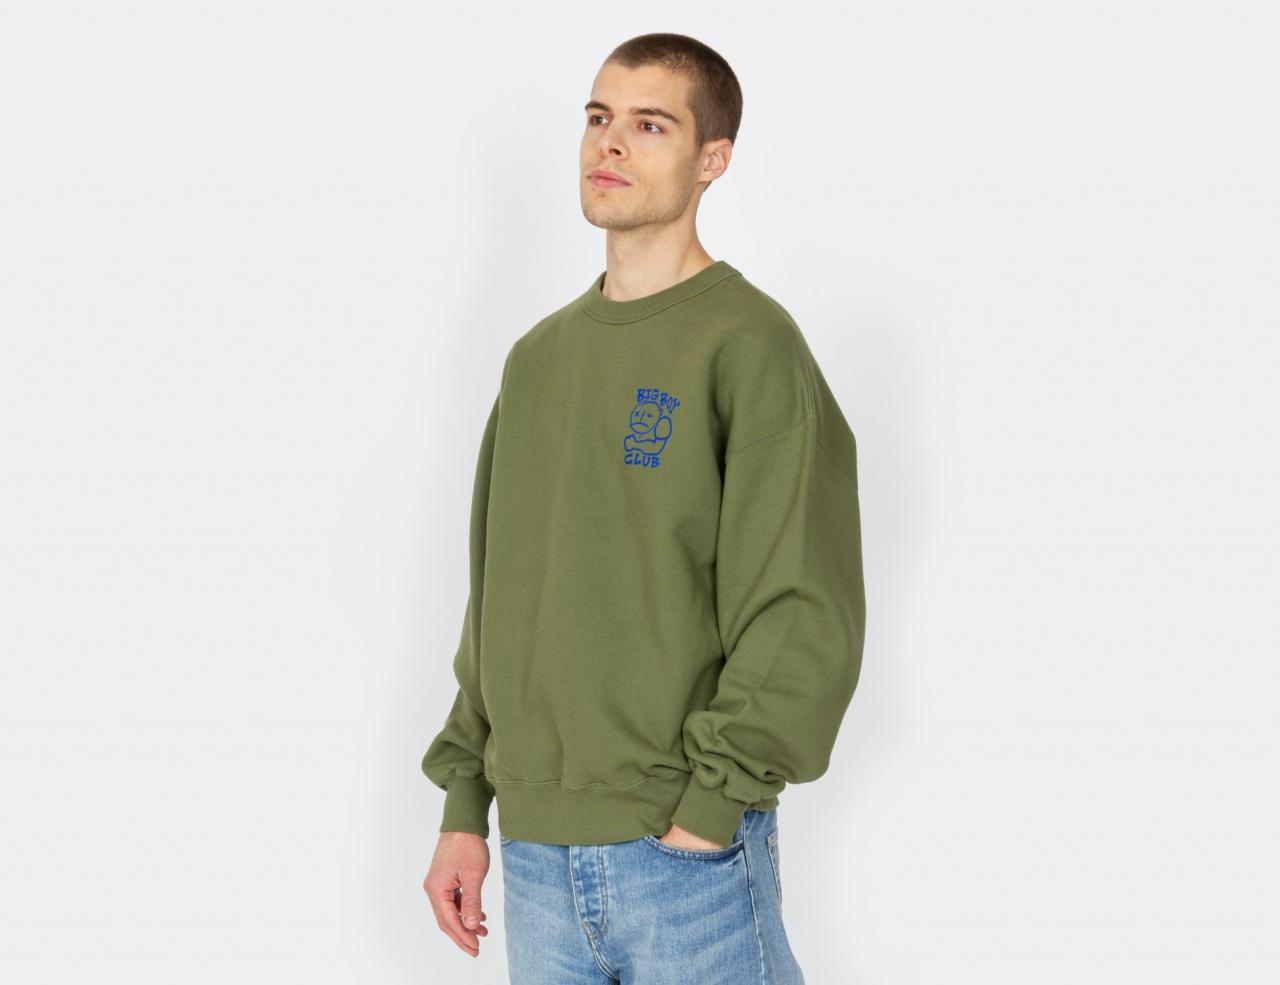 Polar Skate Co. Big Boy Club Crewneck - Army Green